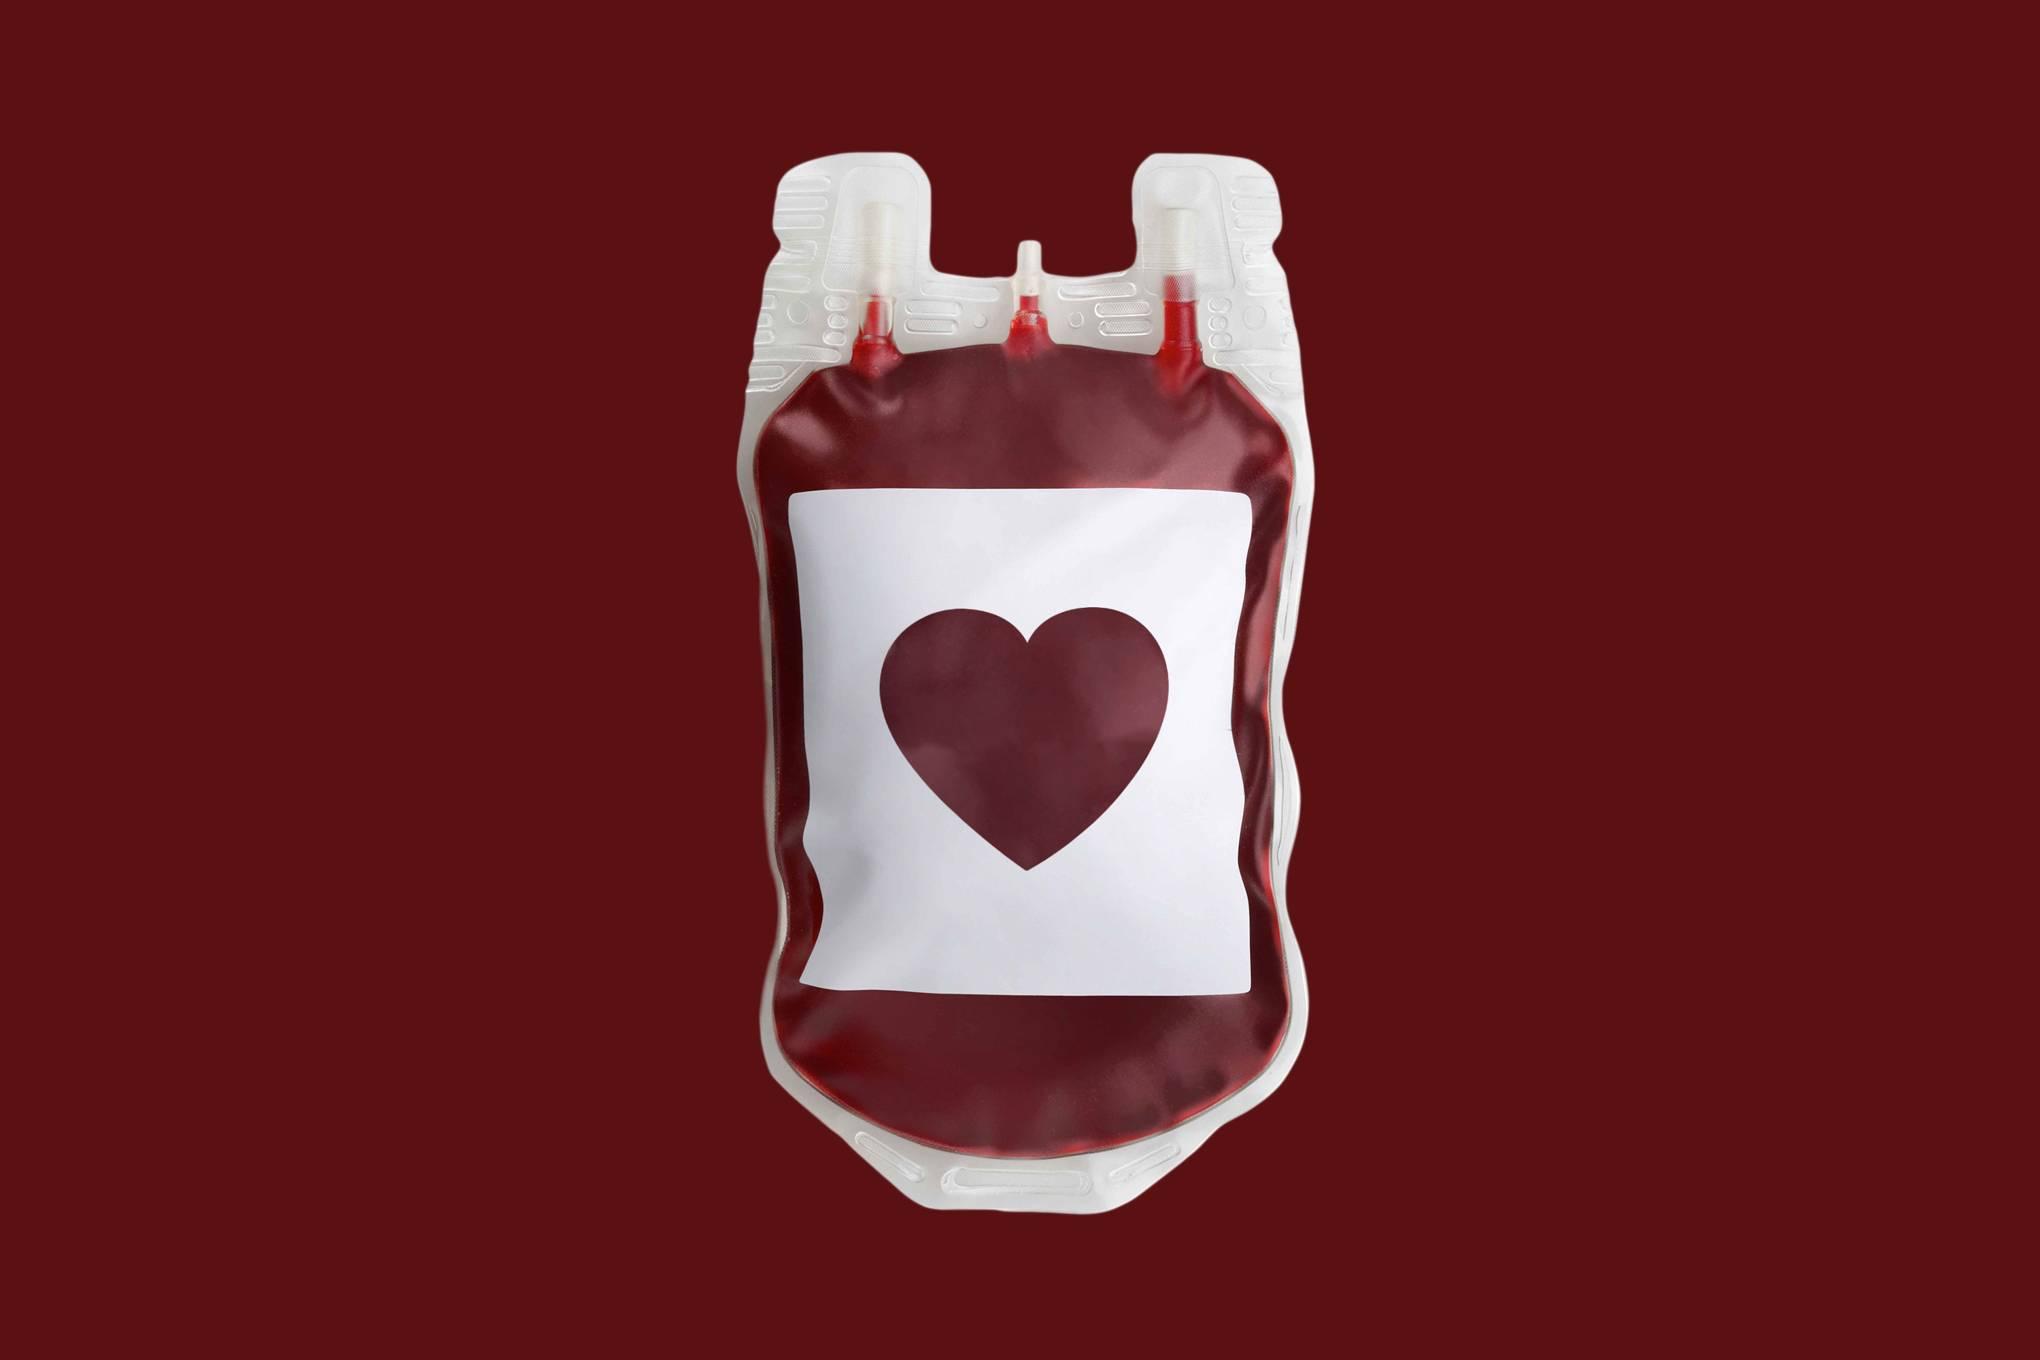 应对由冠状病毒造成的血库告急,FDA更改献血指南